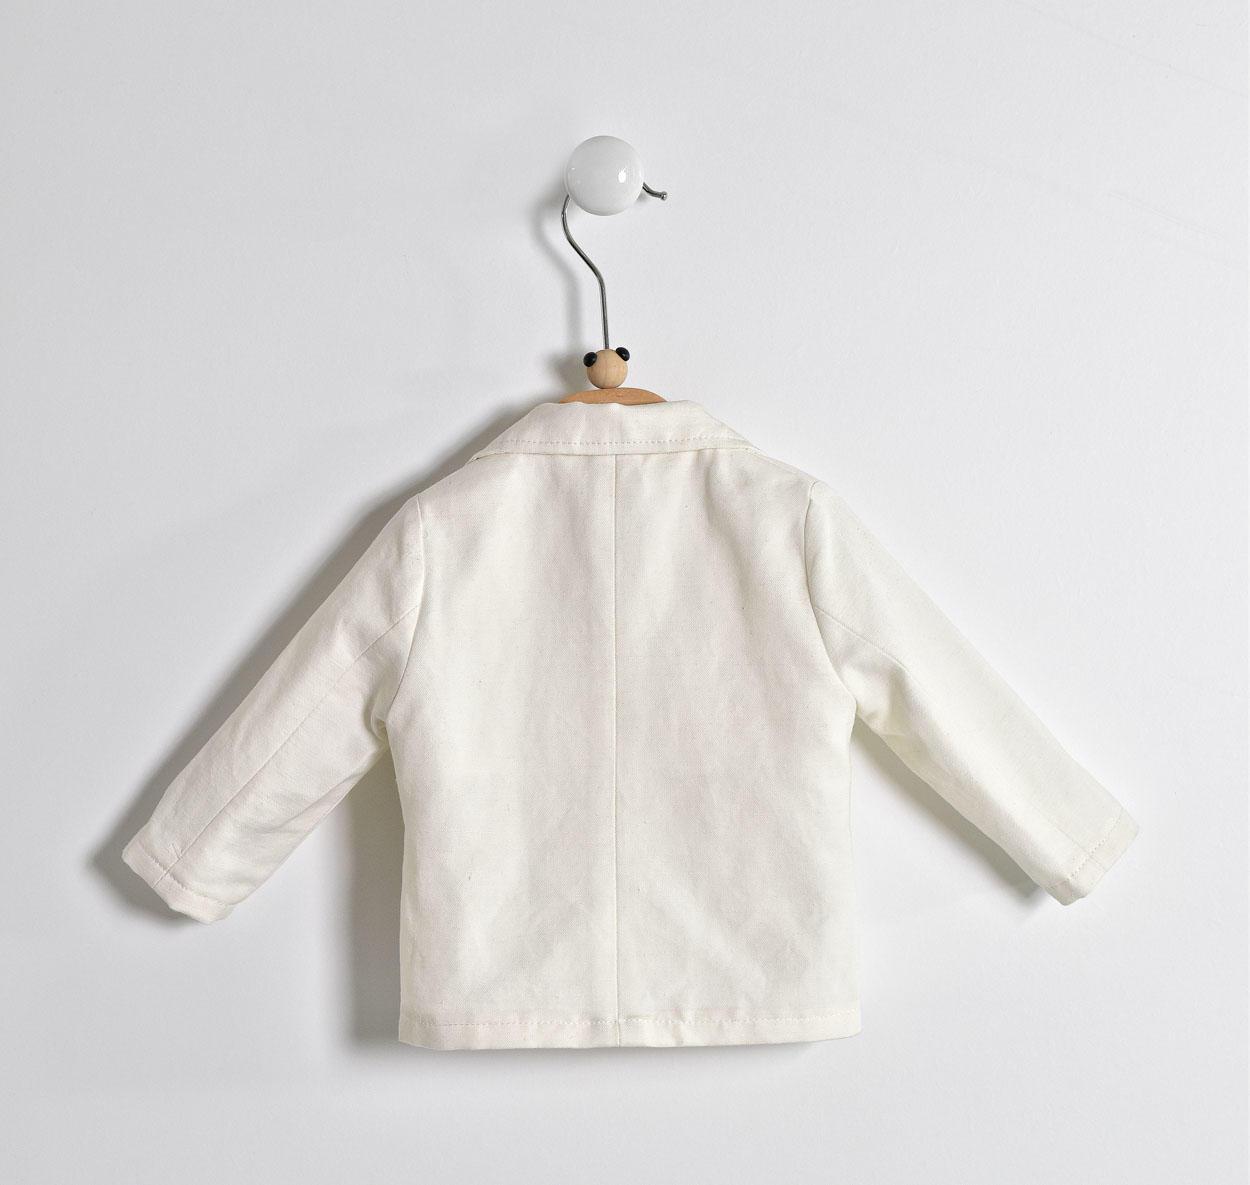 Elegante e raffinata giacca con chiusura con bottoni per neonato da 0 a 24  mesi Minibanda fdb764dcc04